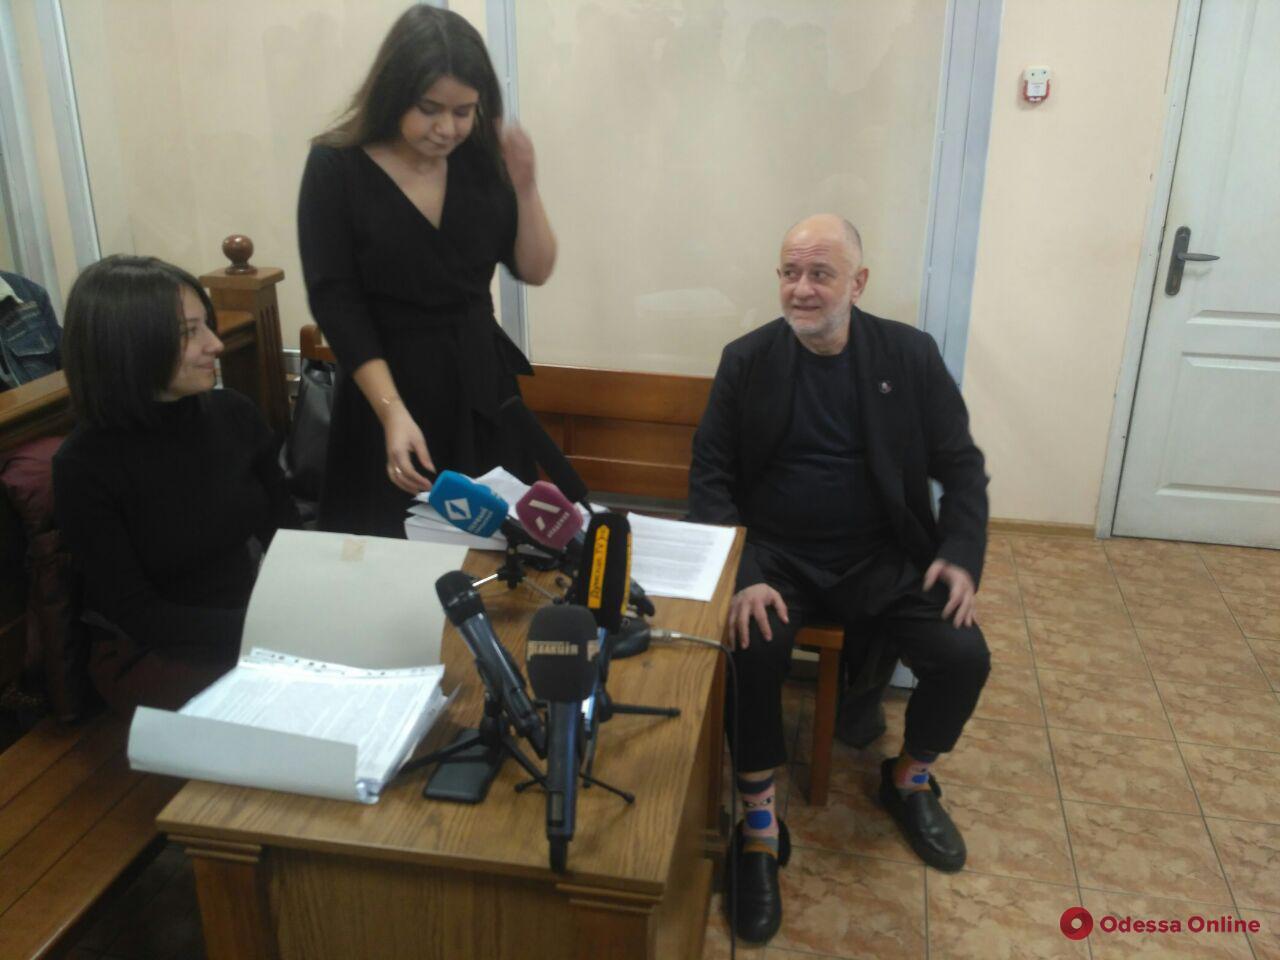 Суд продолжил рассмотрение иска Ройтбурда о признании незаконным егоувольнения с должности директора Одесского худмузея